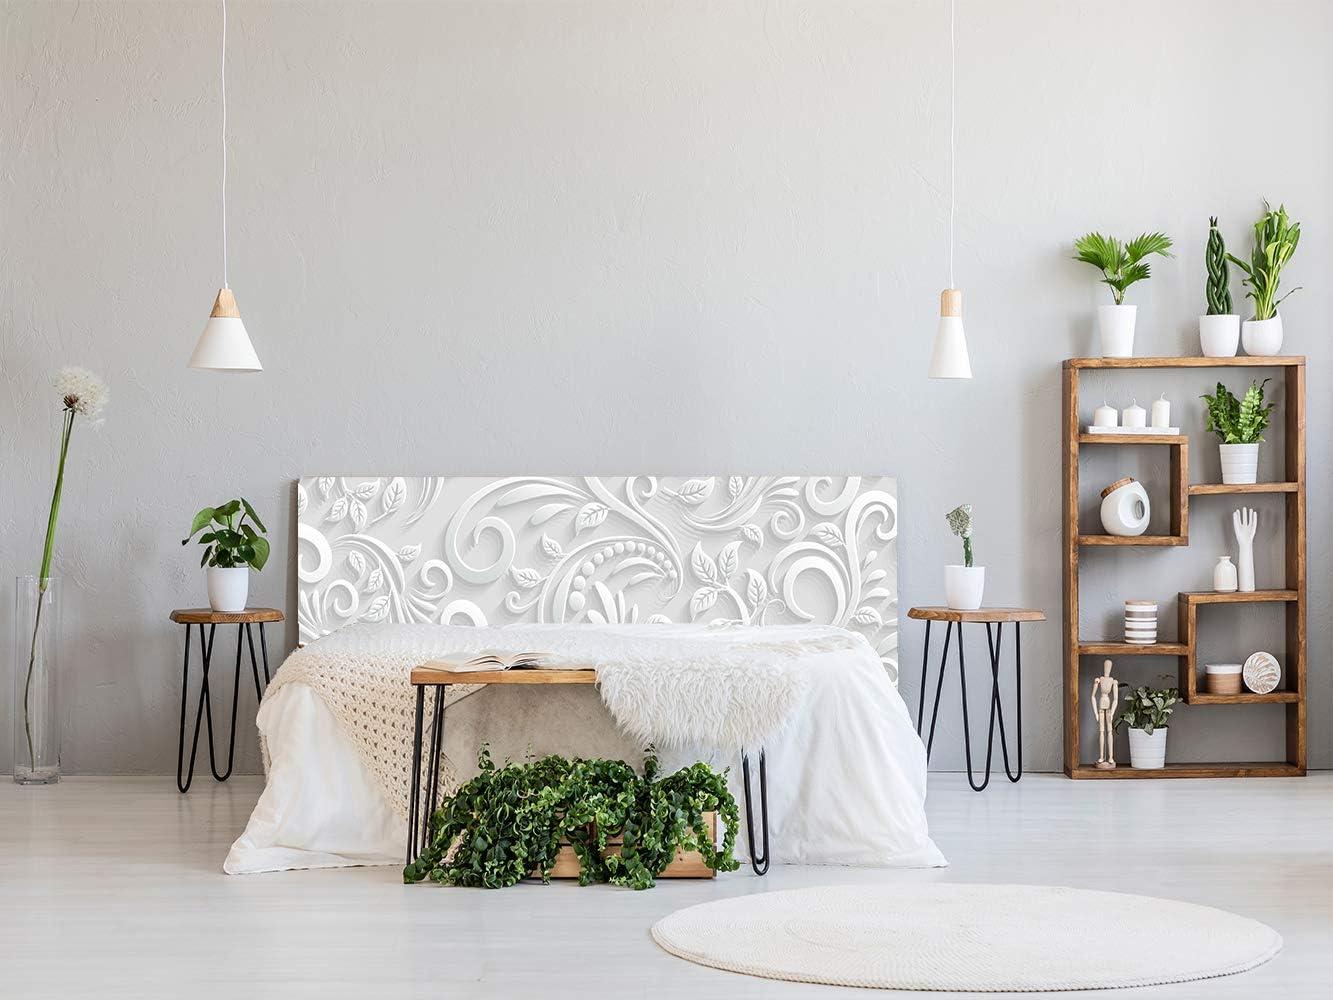 Oedim - Cama PVC Estampado Blanco 150x60cm | Disponible en Varias Medidas | Cabecero Ligero, Elegante, Resistente y Económico